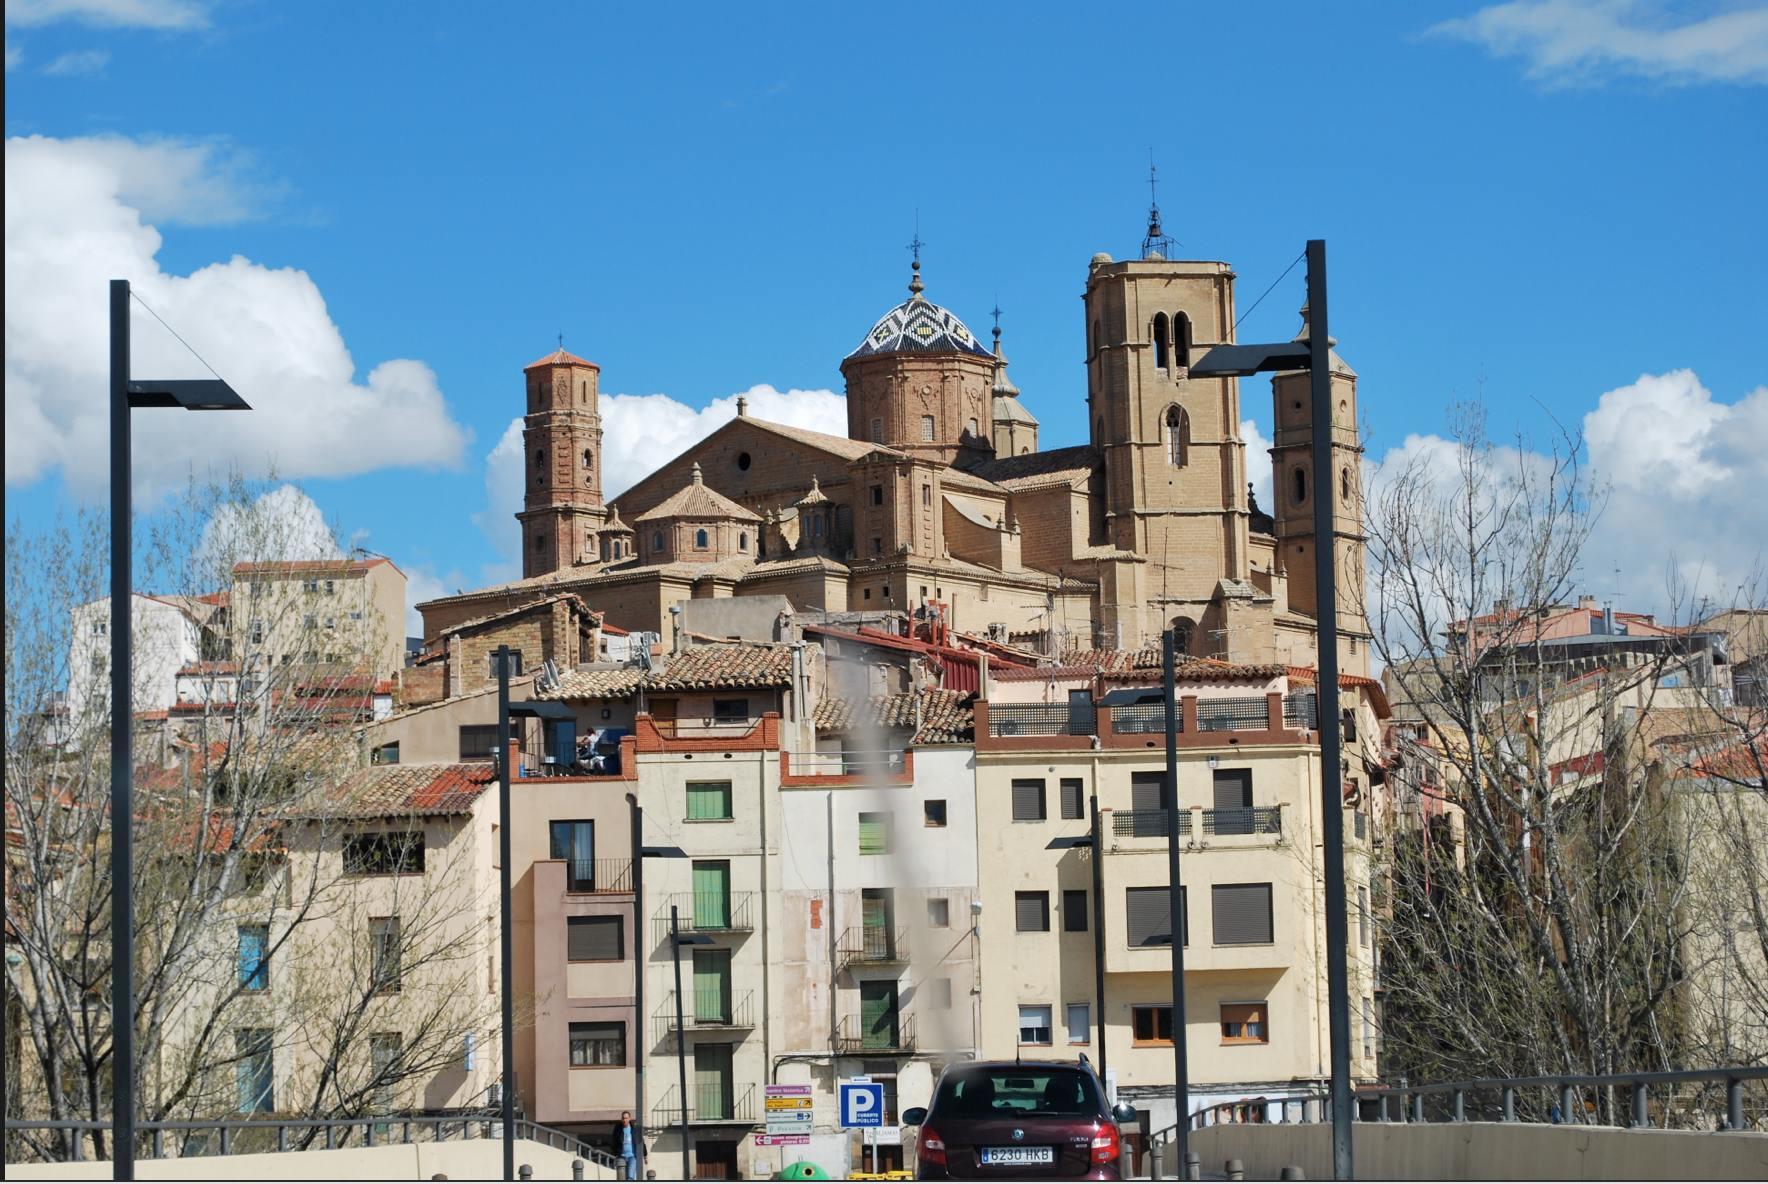 Alcaniz Castle